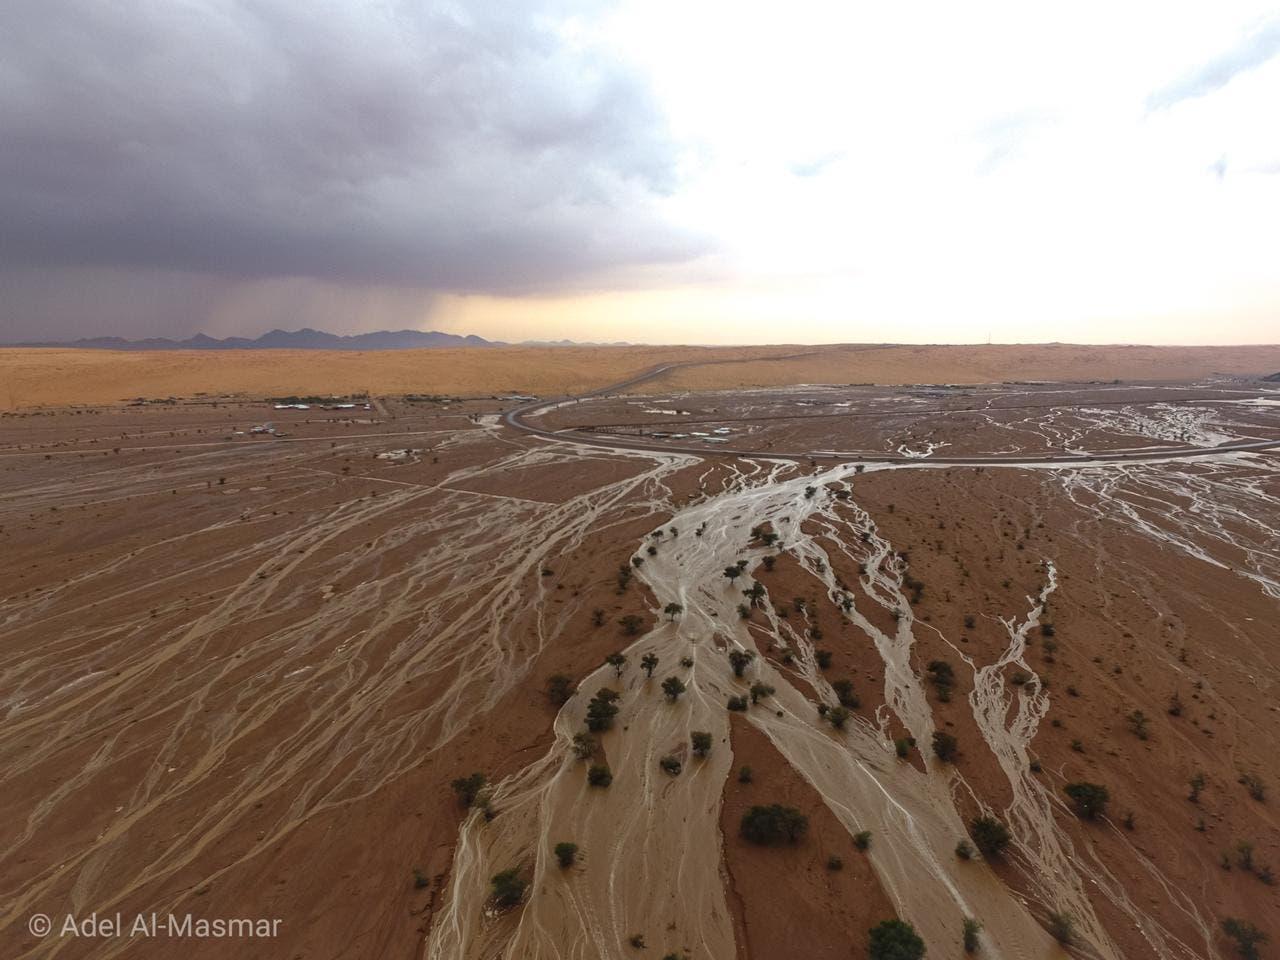 KSA: Mountains